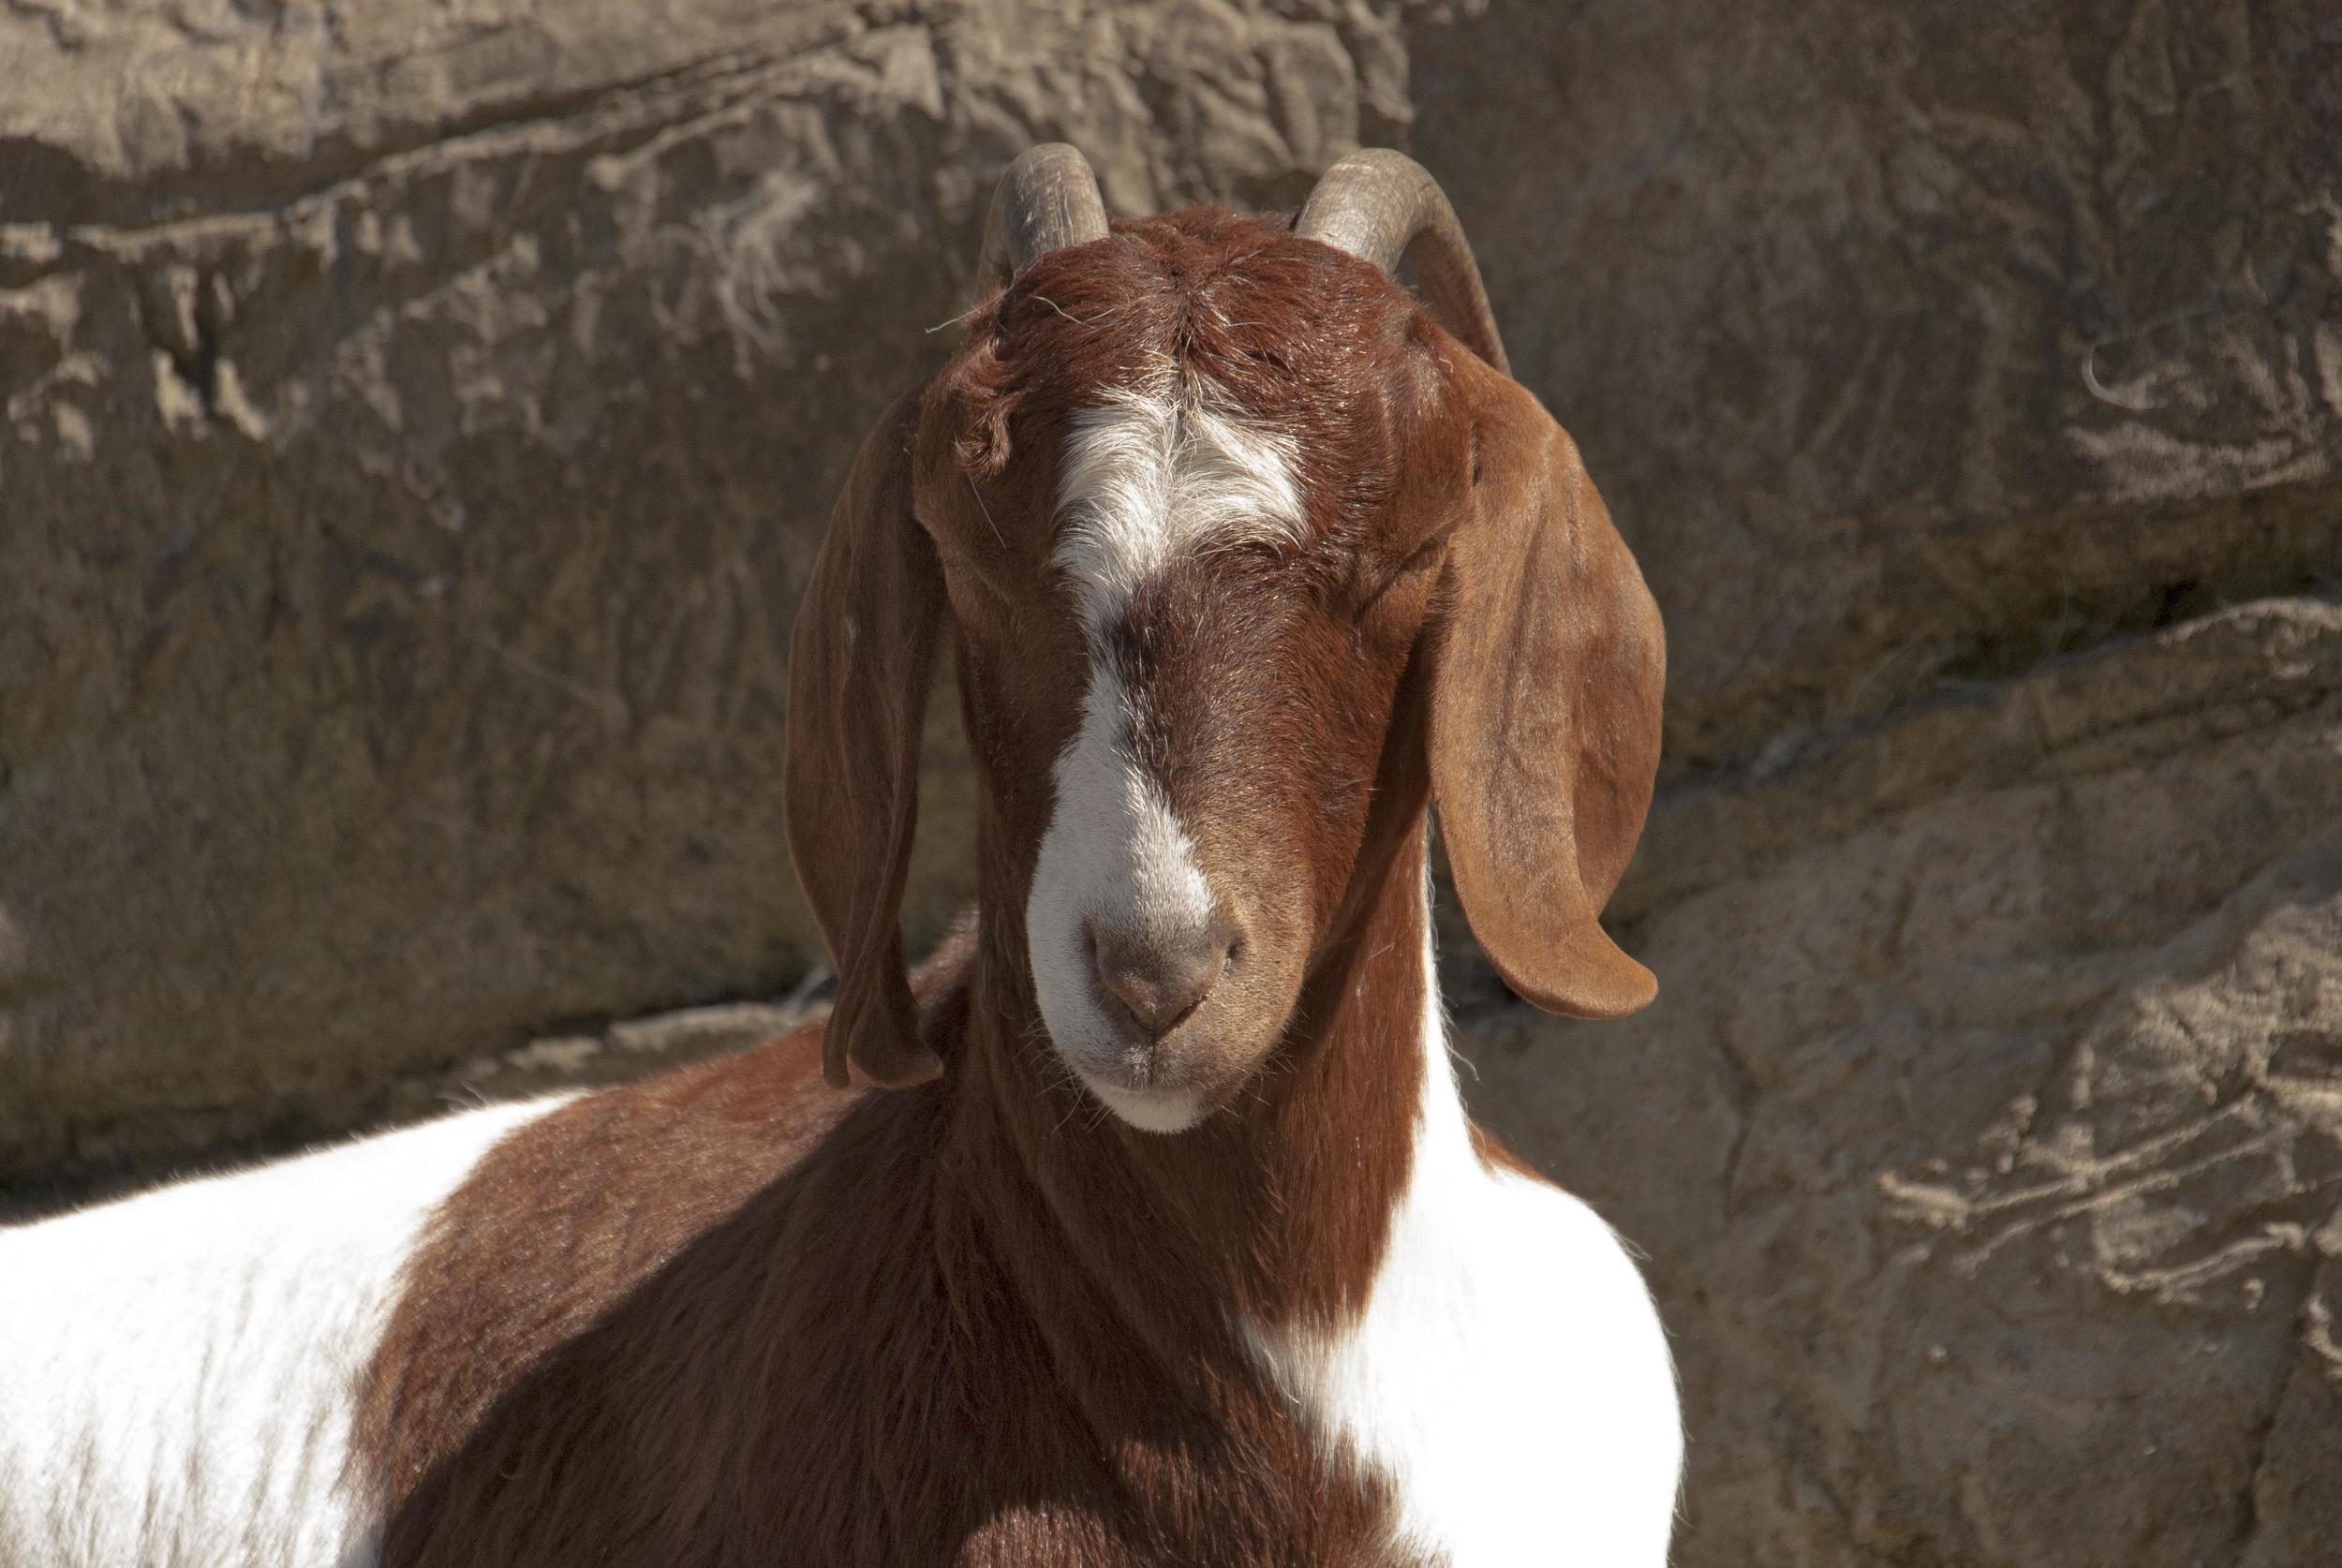 goat sunbathing.jpg